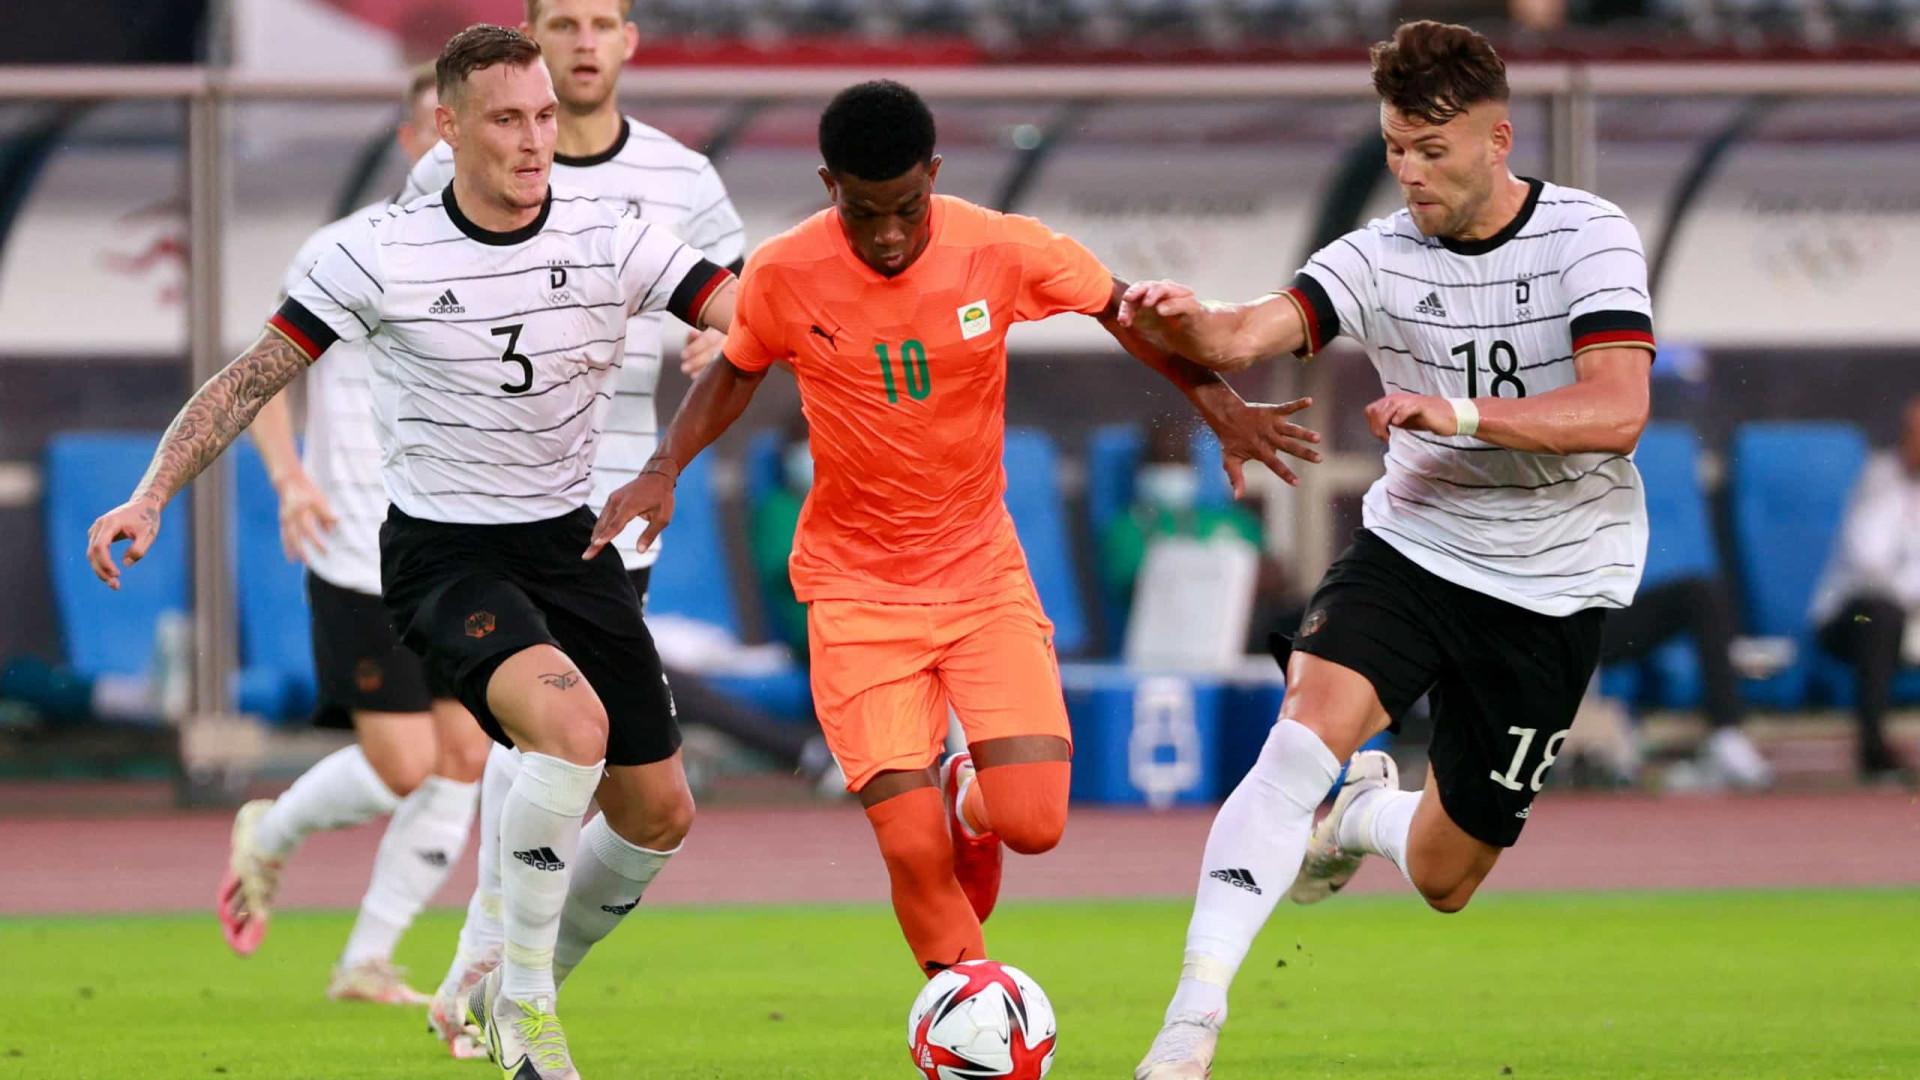 Finalista em 2016, Alemanha está eliminada do futebol masculino olímpico